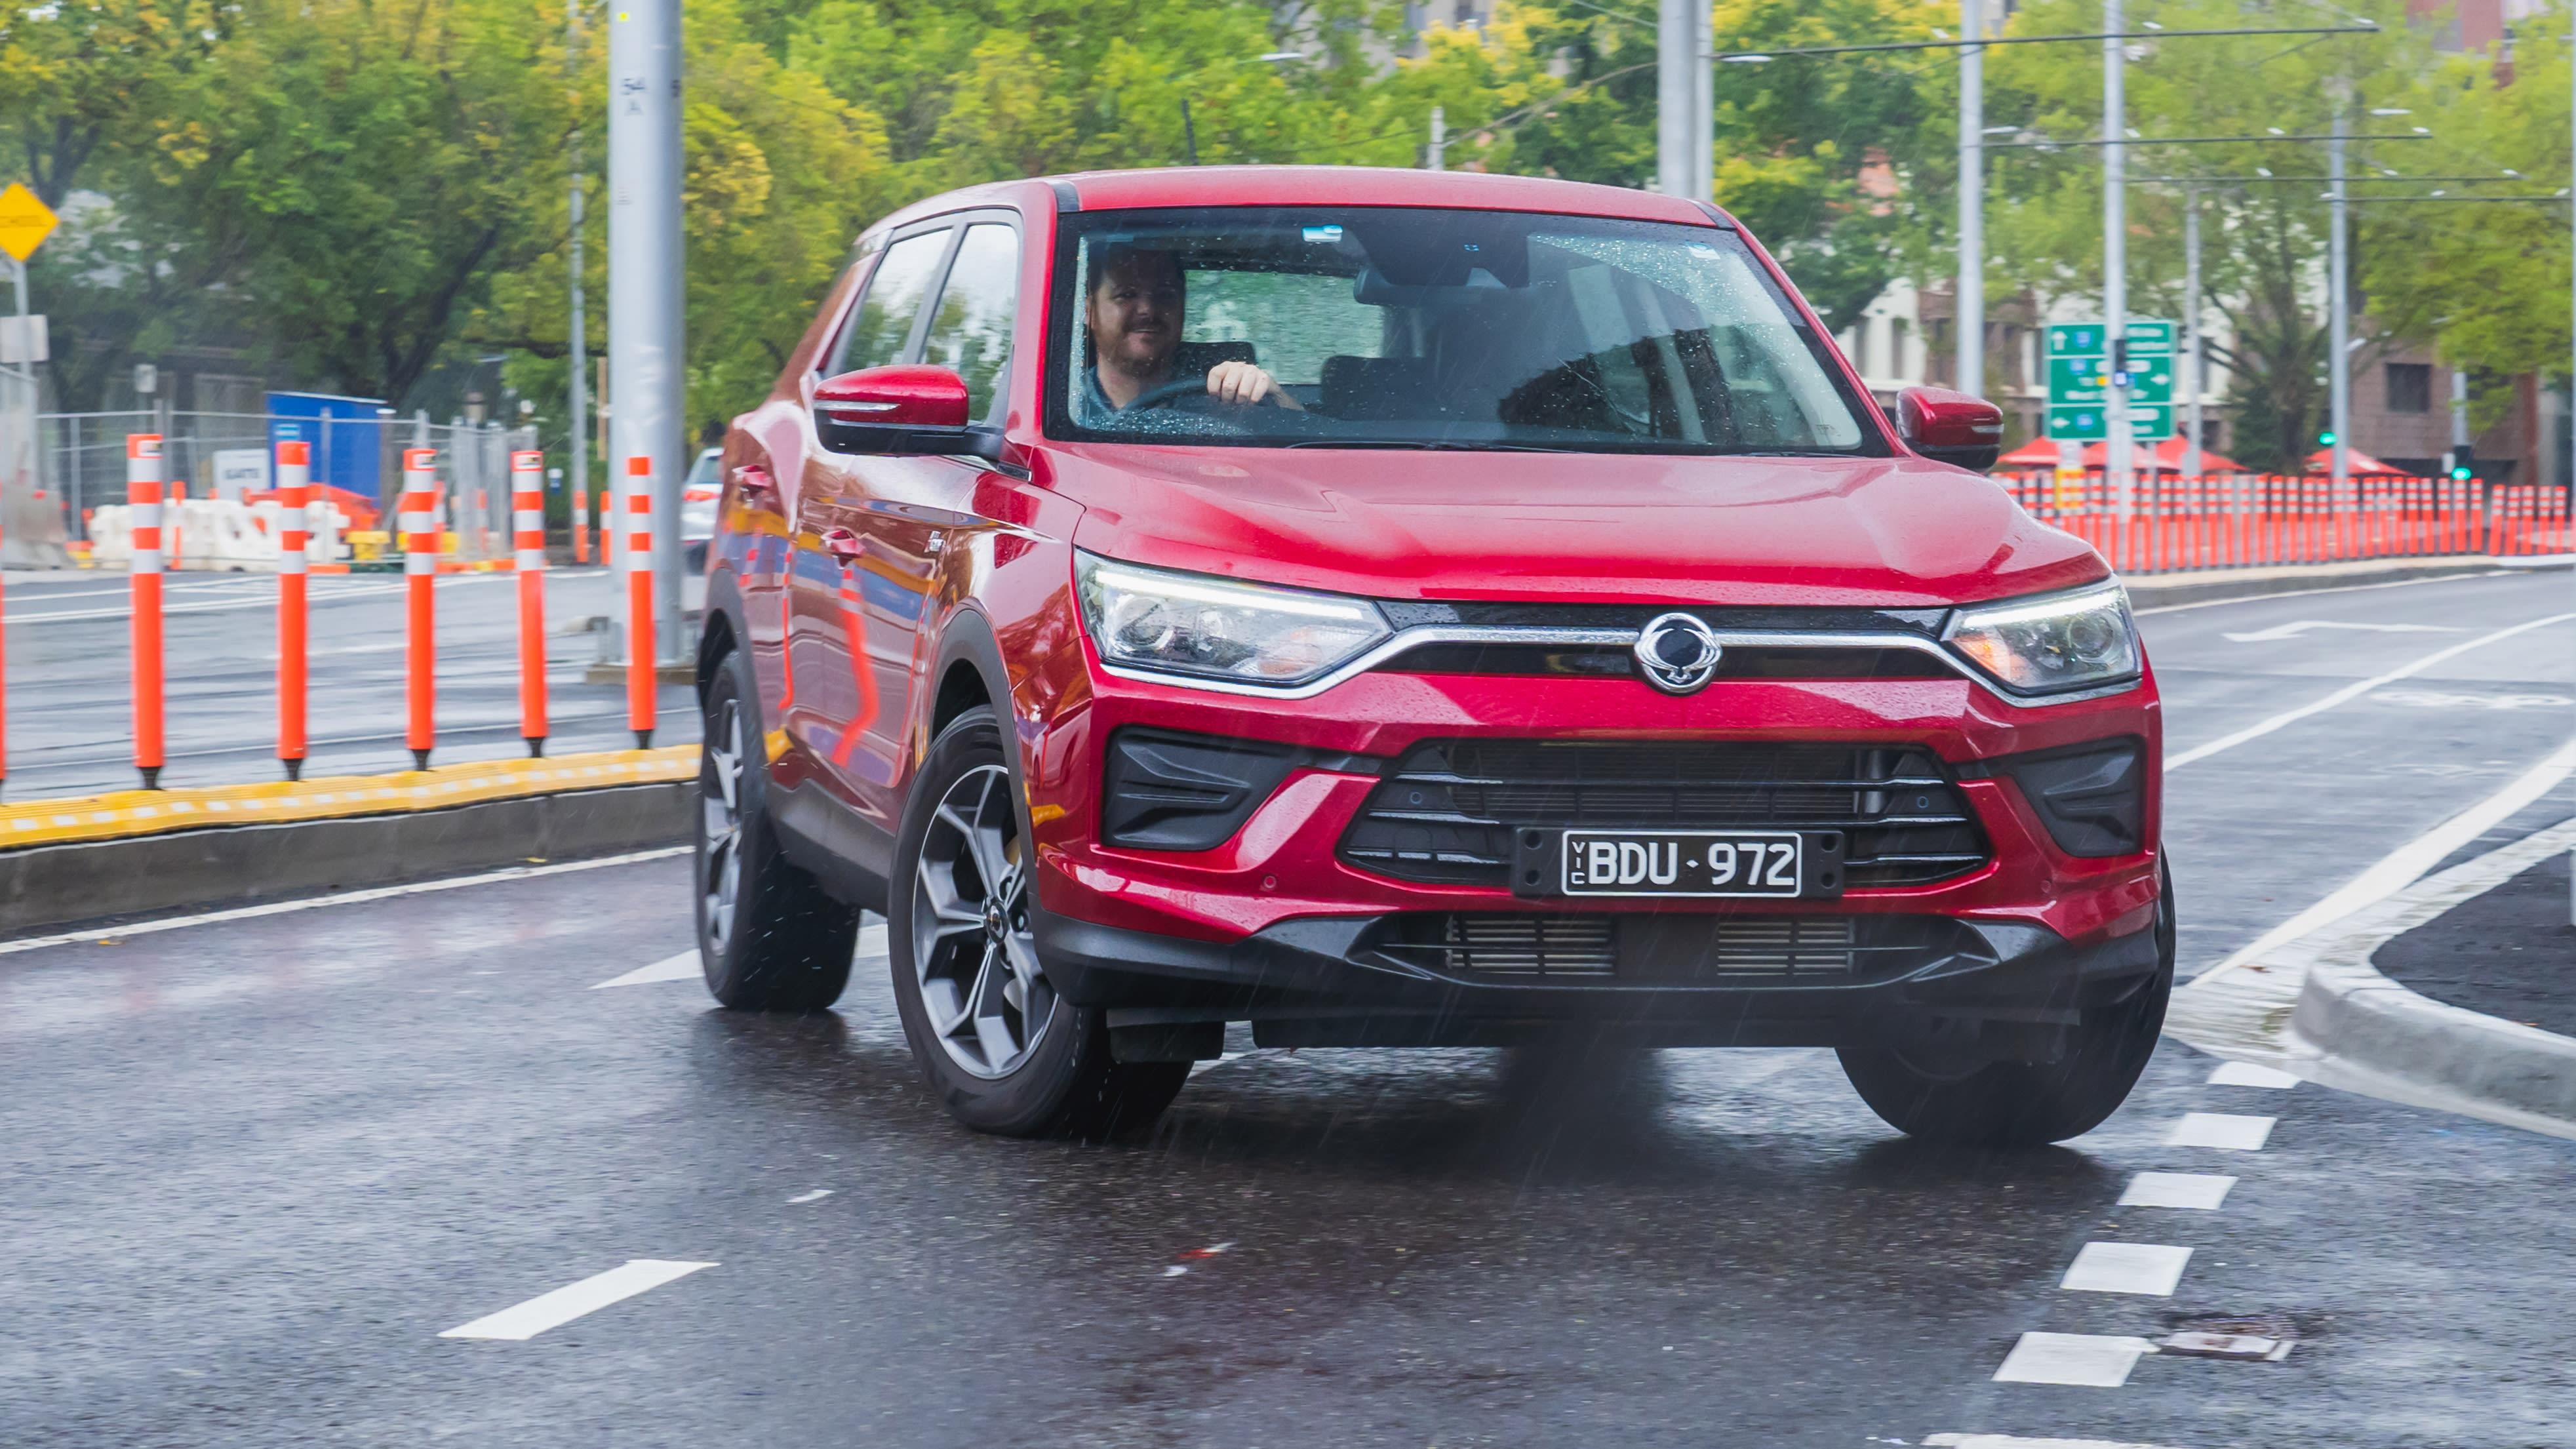 2020 Ssangyong Korando ELX 1.5T petrol review